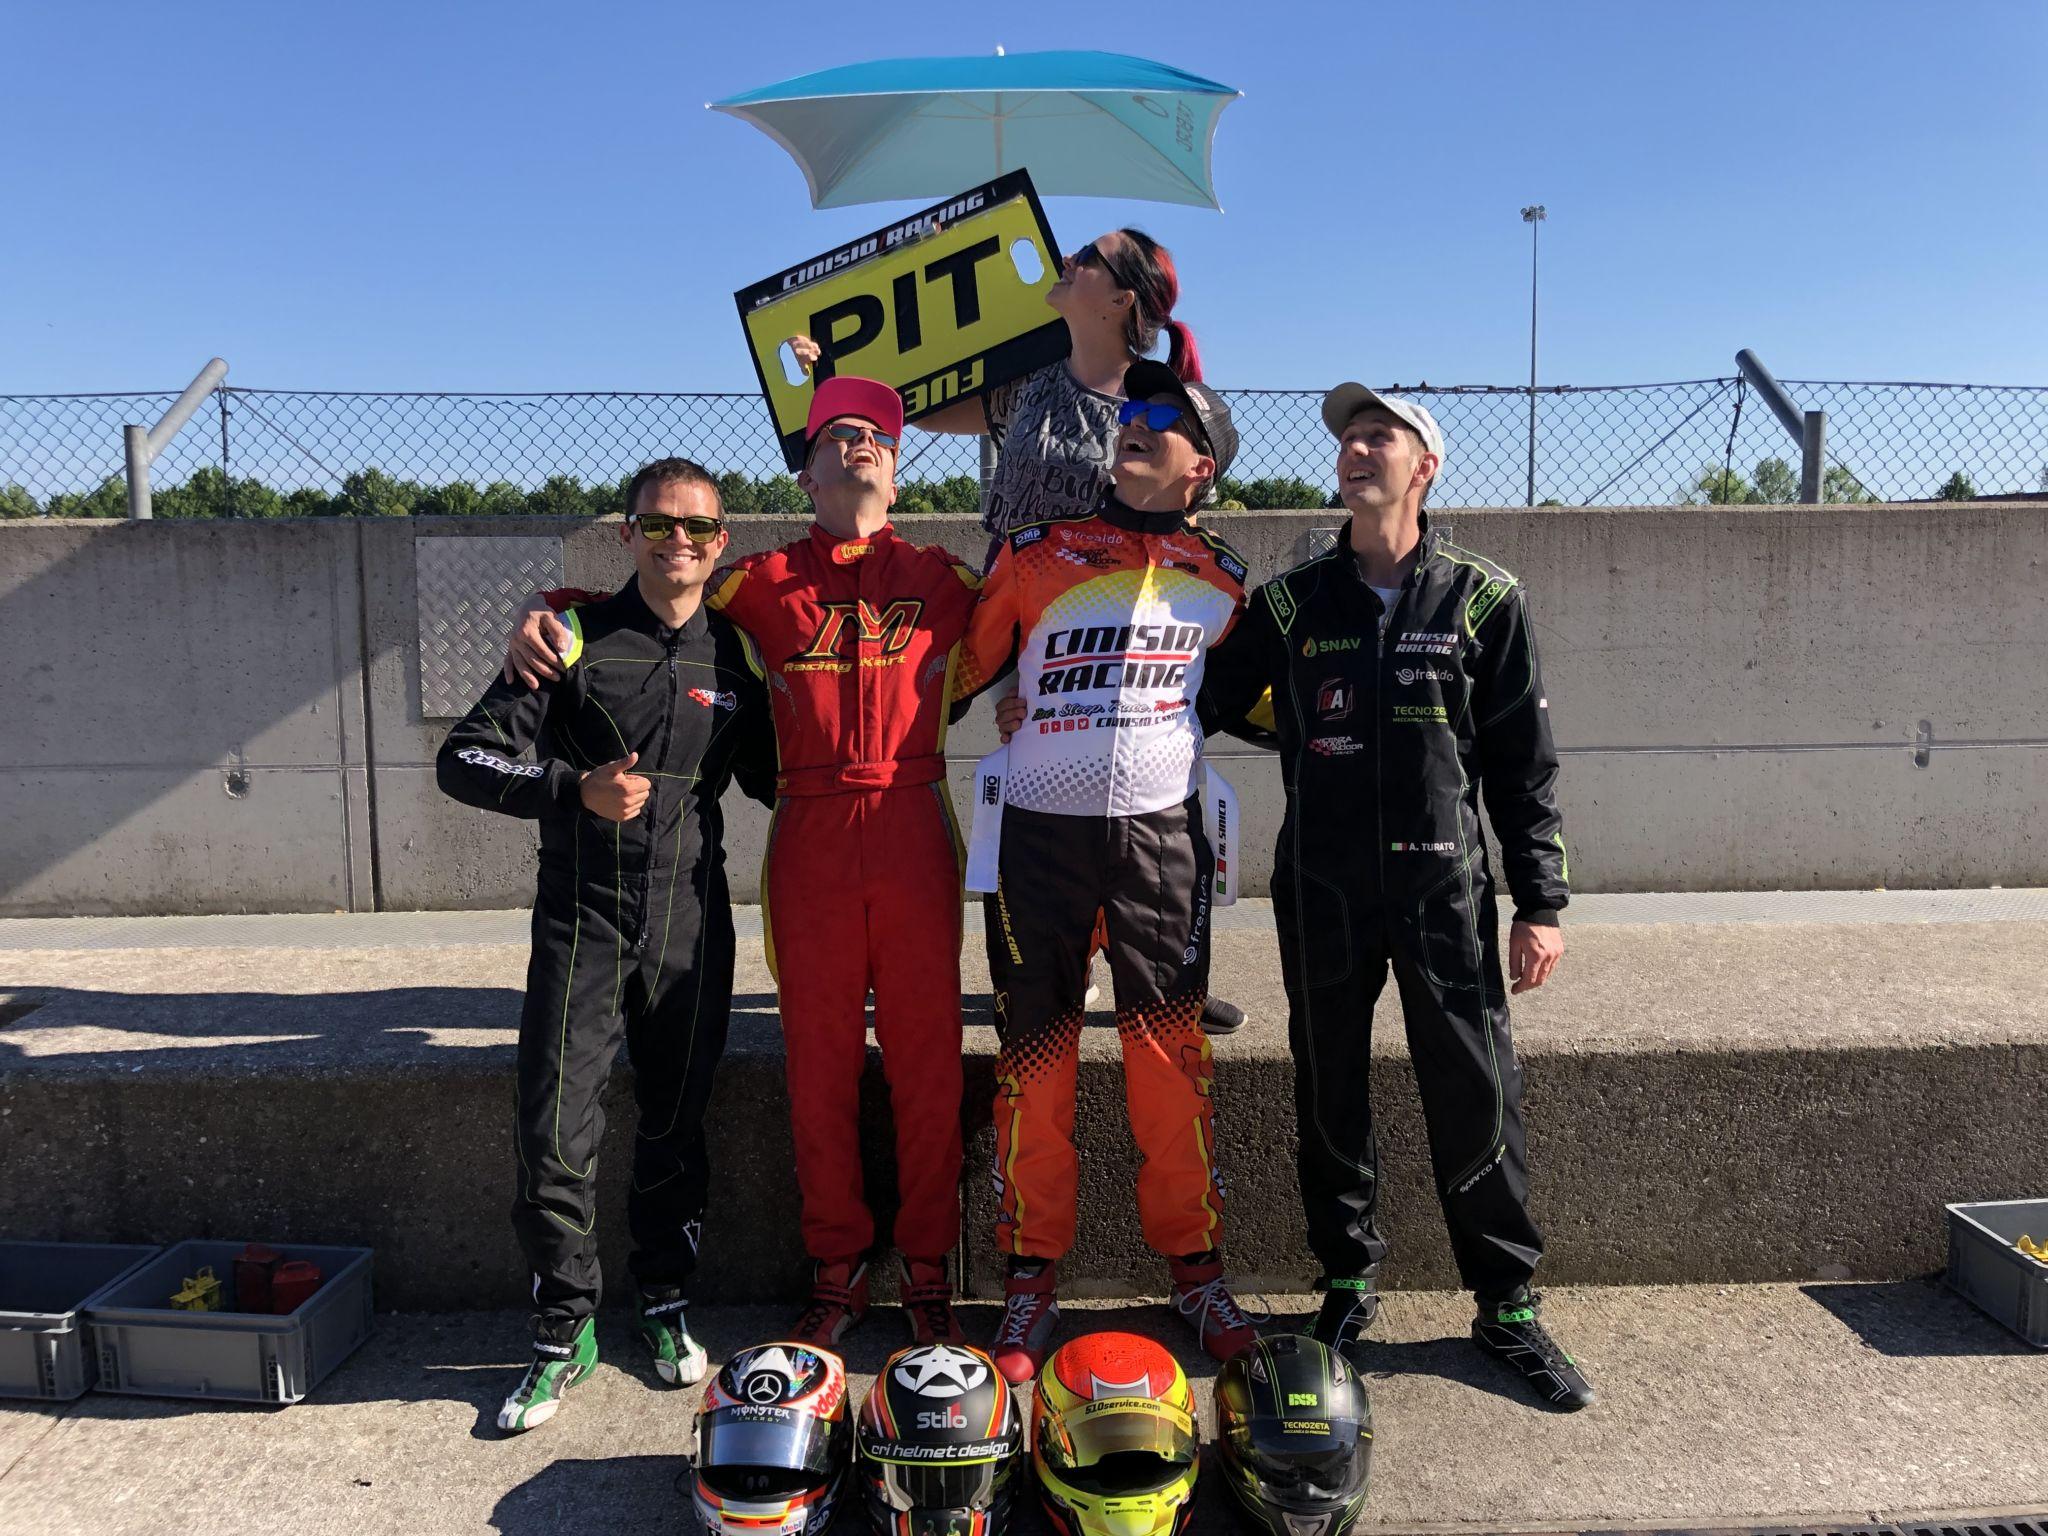 Il team inedito - Lignano Summer Race, 01 giugno 2019